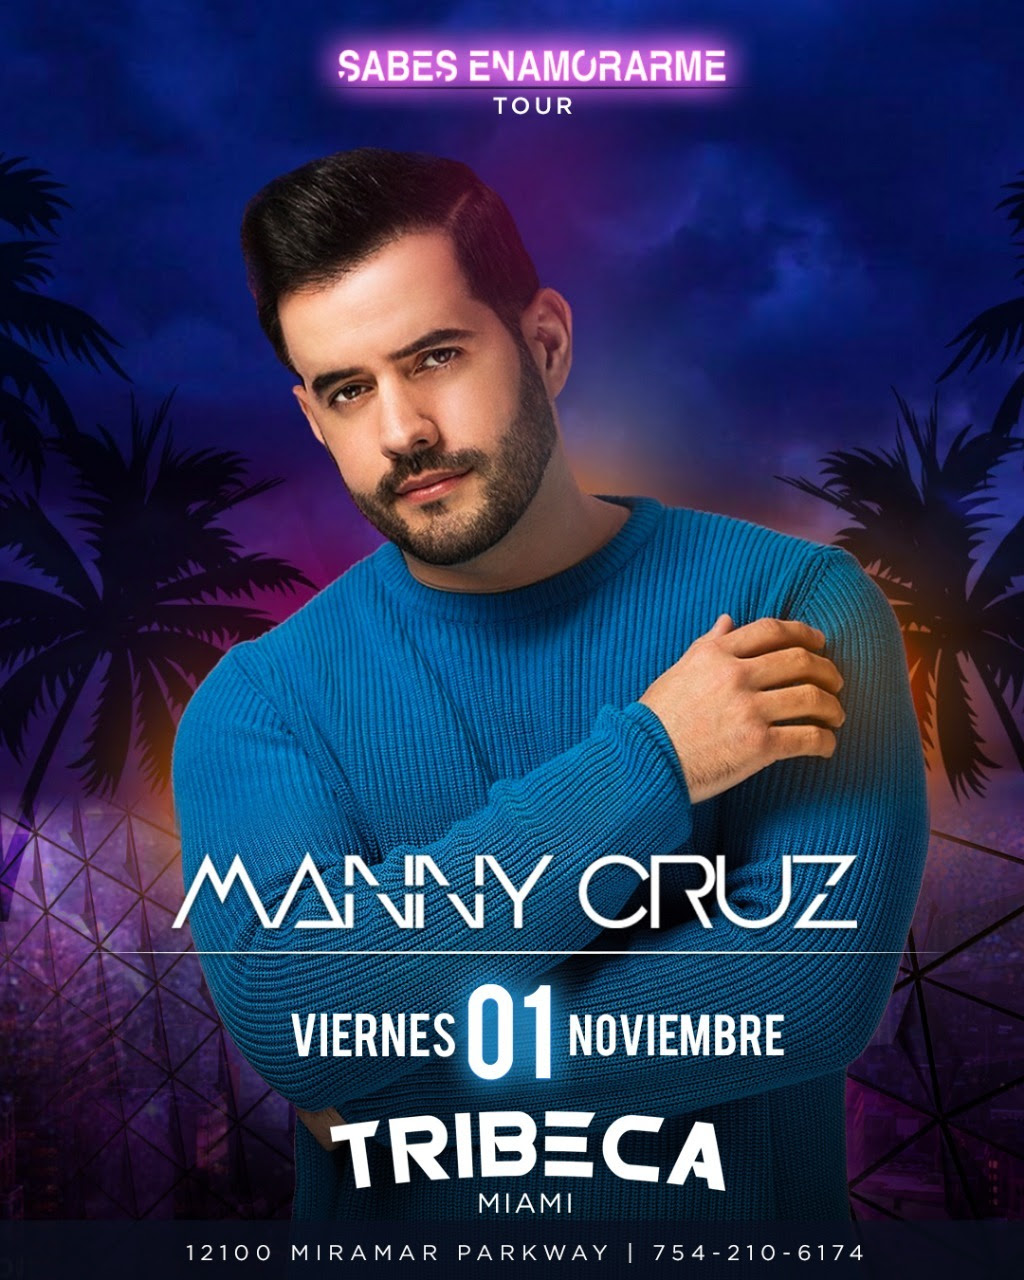 Manny Cruz se presentará en Miami